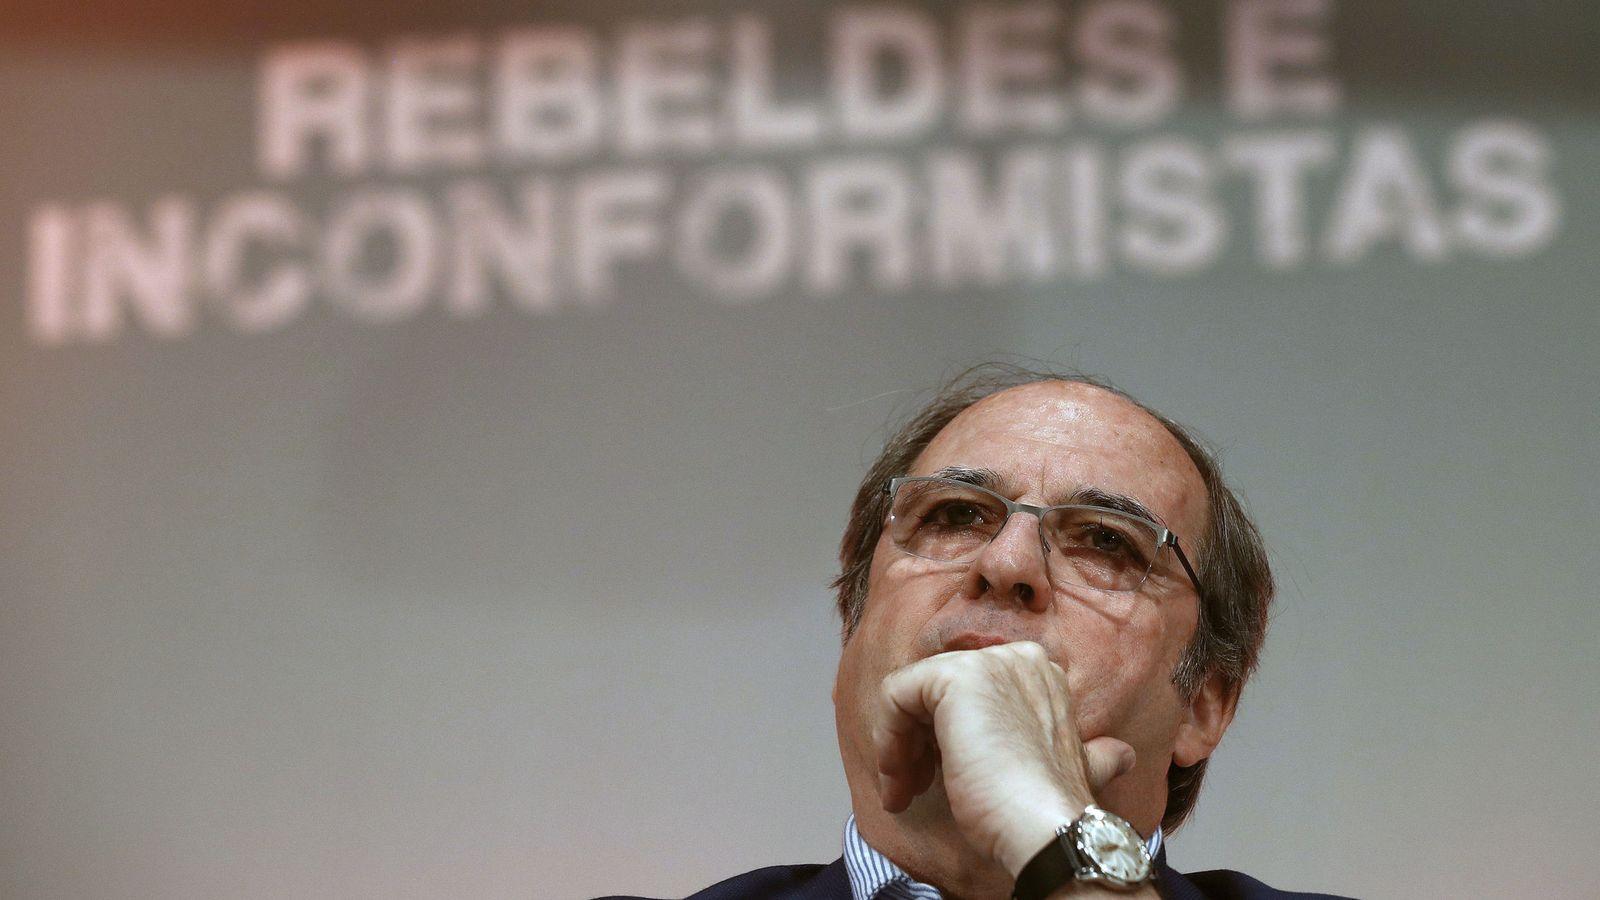 Foto: El portavoz del grupo socialista de la Asamblea de Madrid, Ángel Gabilondo. (EFE)